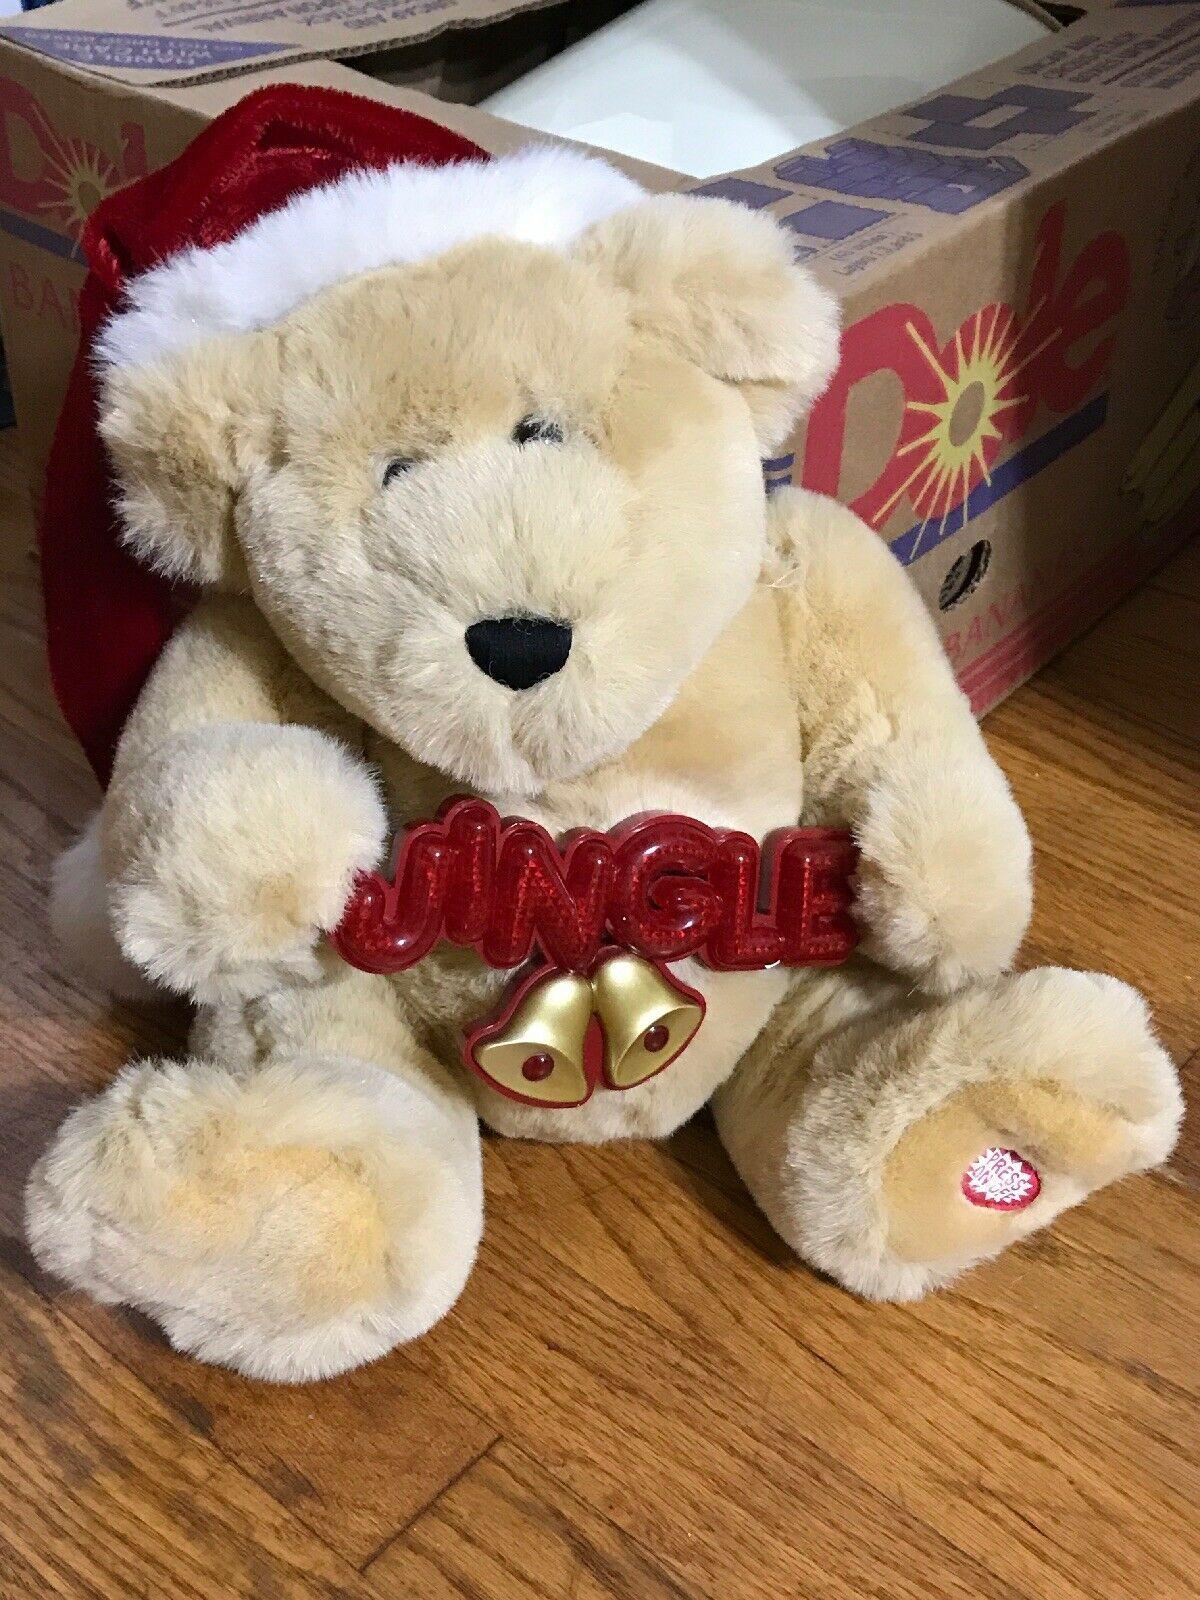 Vintage Jingle Bells Lighted Musical Christmas Bear by Dan Dee 16in C1990s AA28 - $48.37